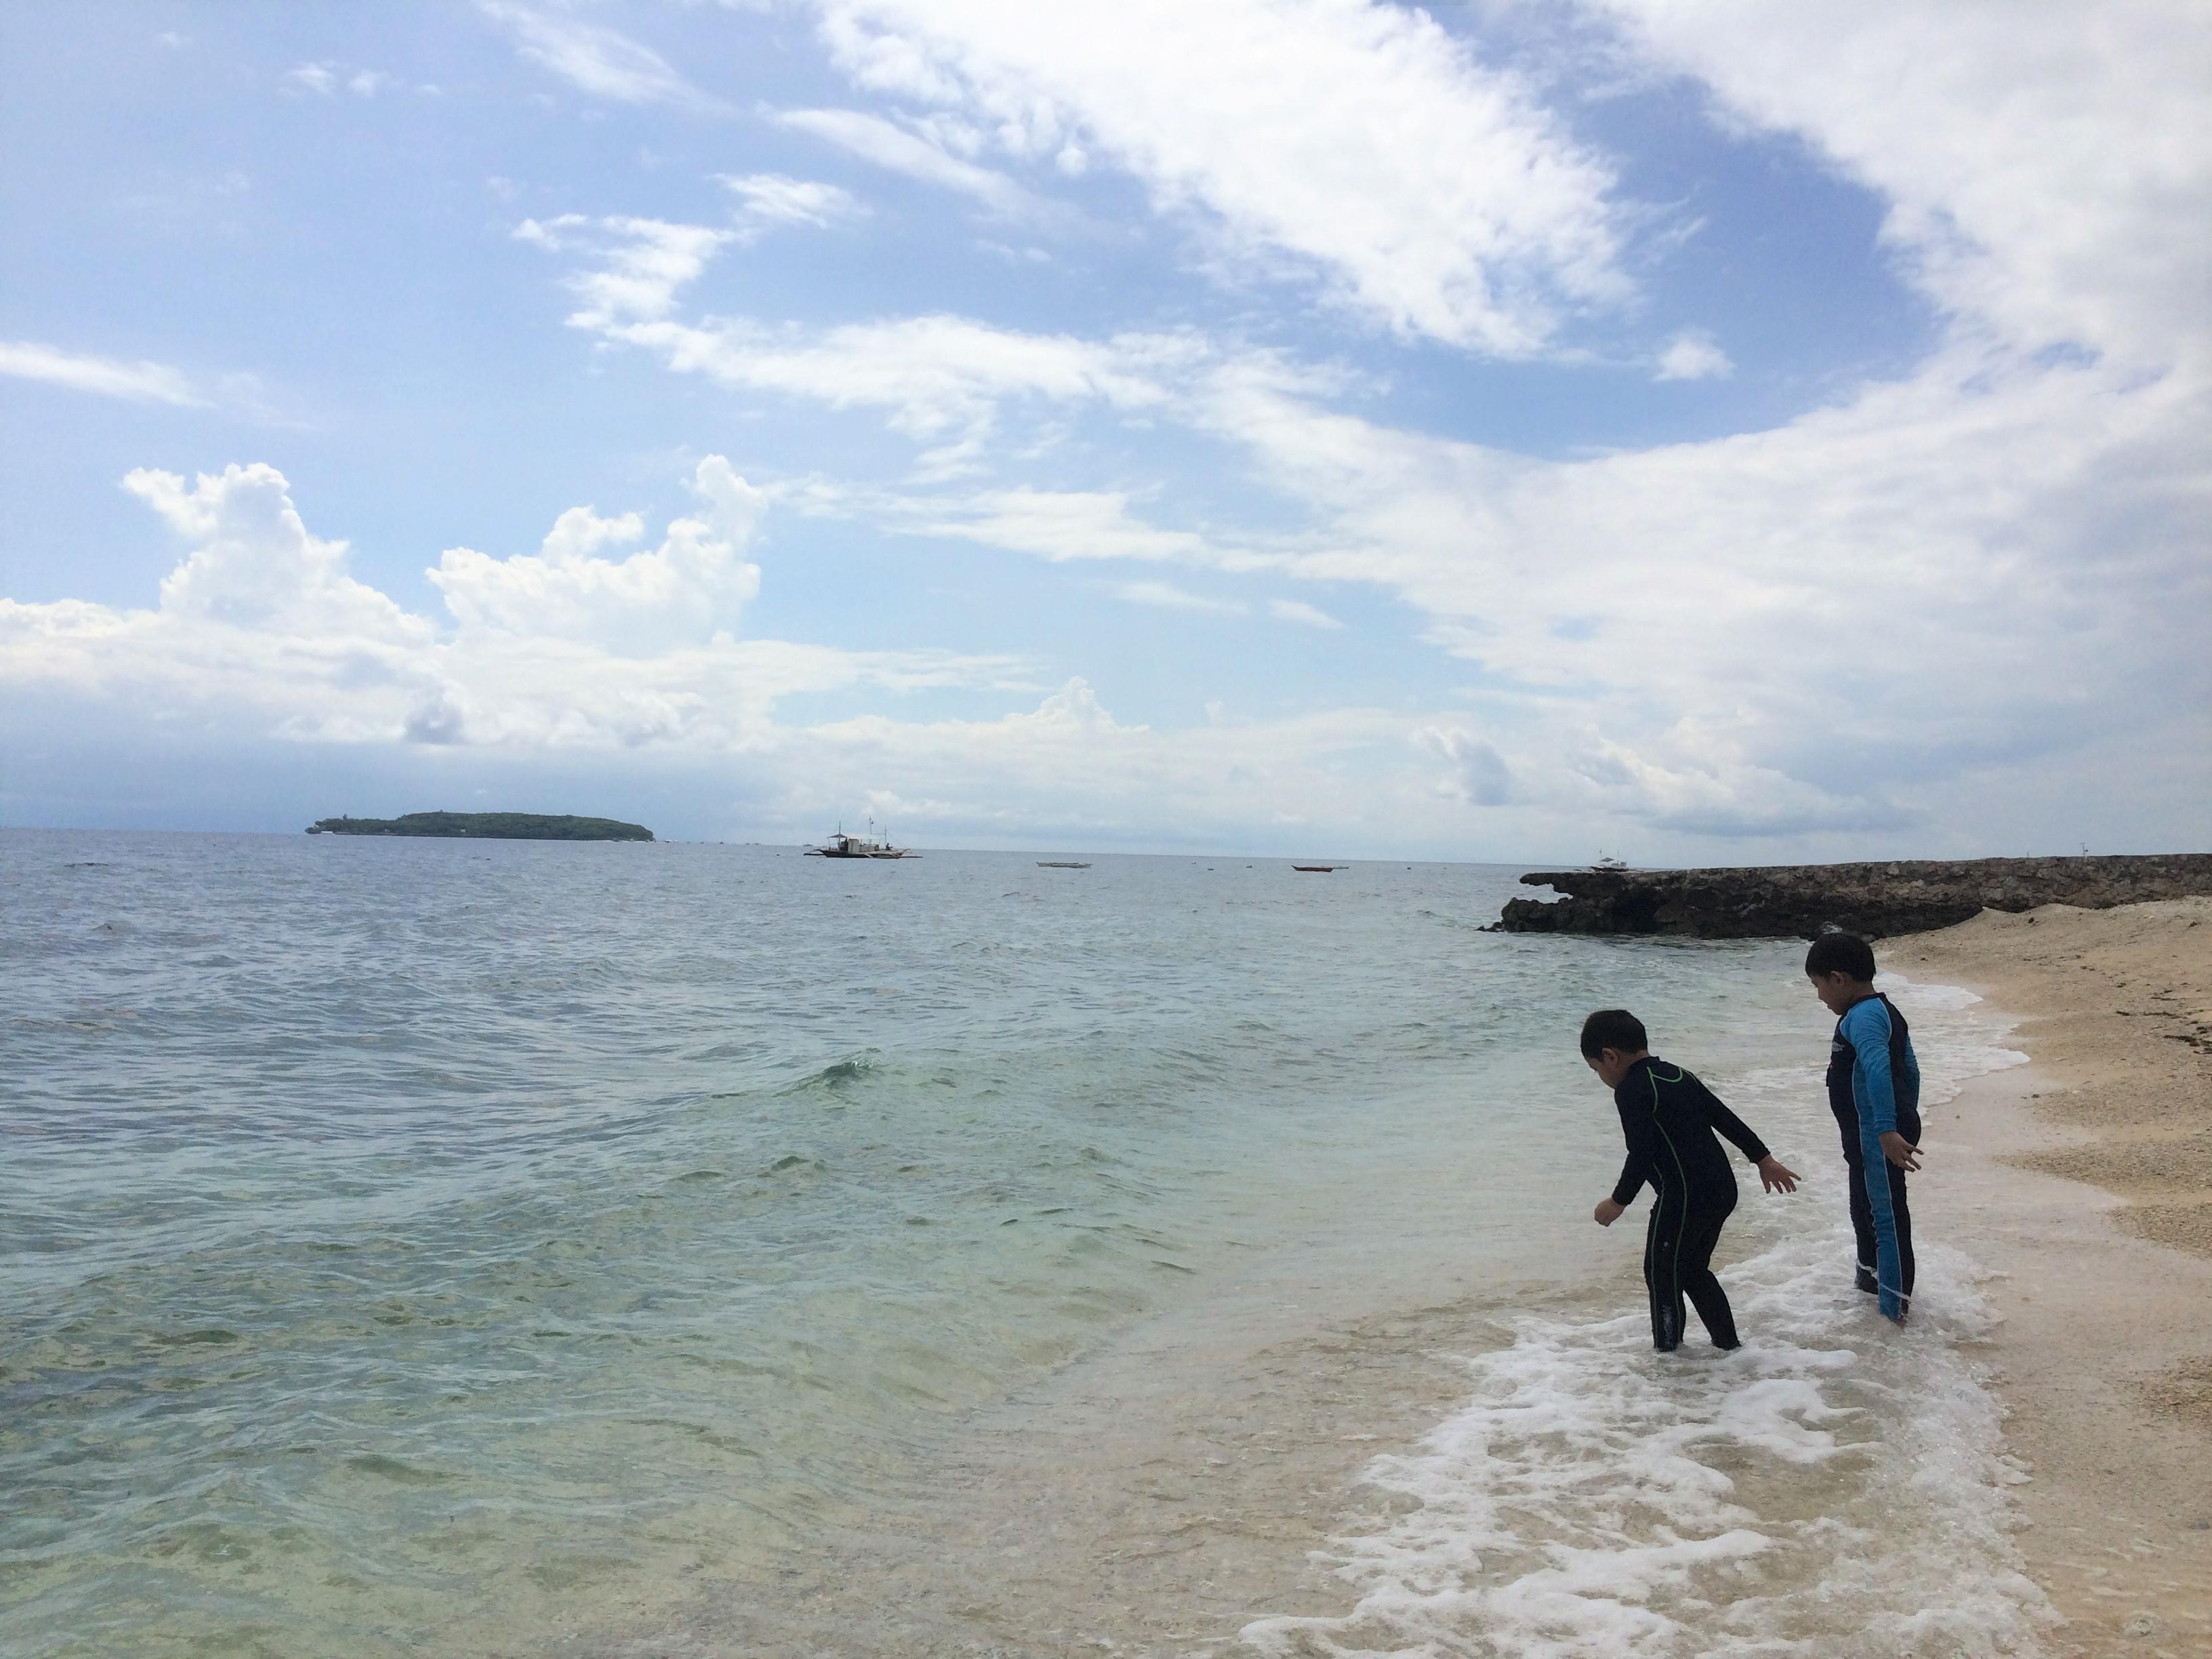 ボートが来るまでの間、ビーチでゆっくり過ごします。左奥の方に見えるのがスミロン島です。